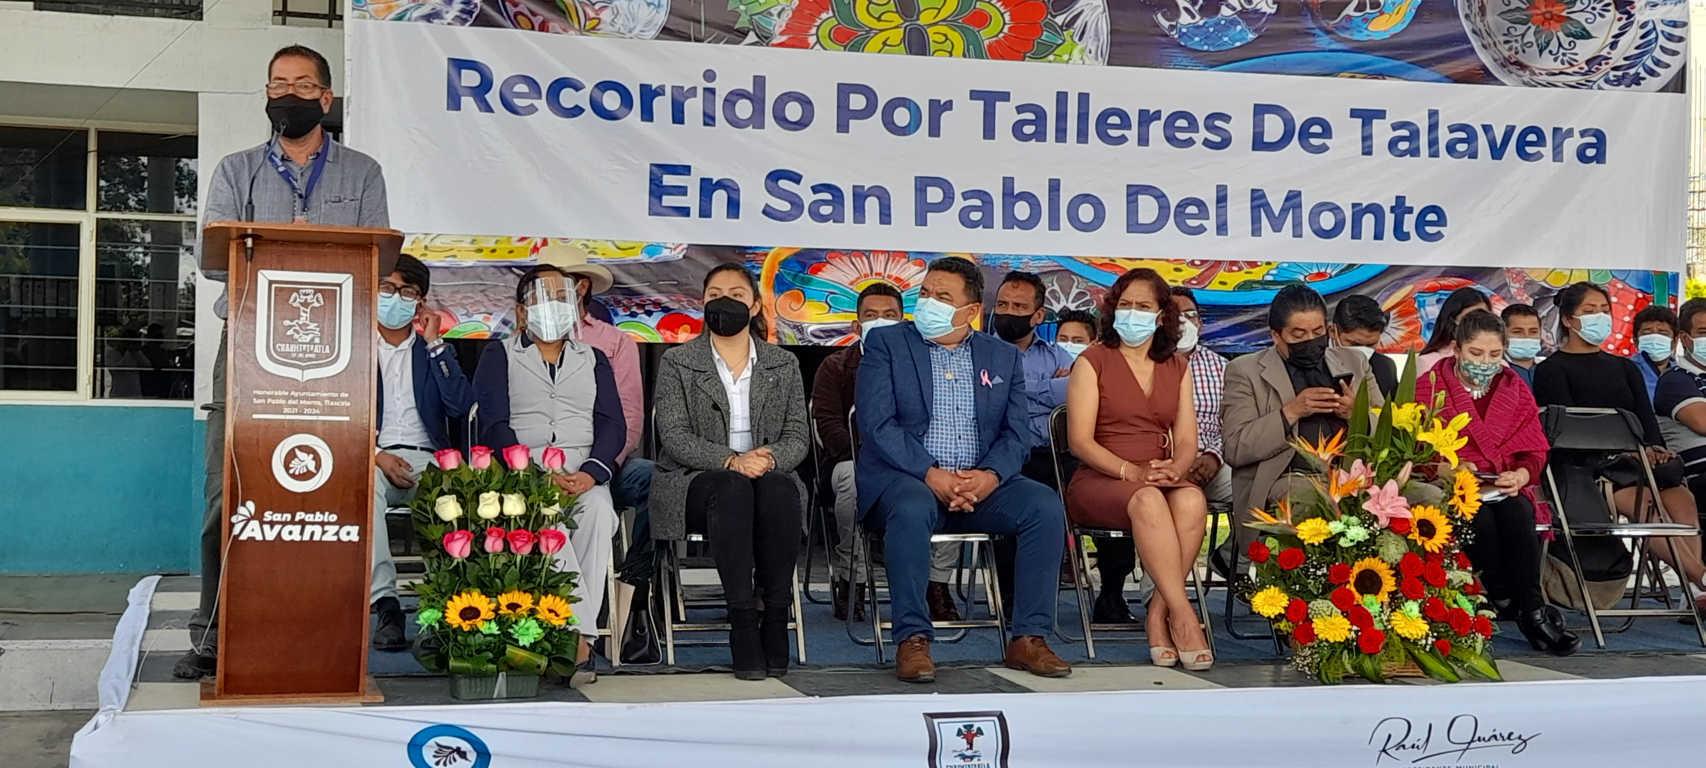 Realizan un recorrido por talleres de talavera en San Pablo del Monte